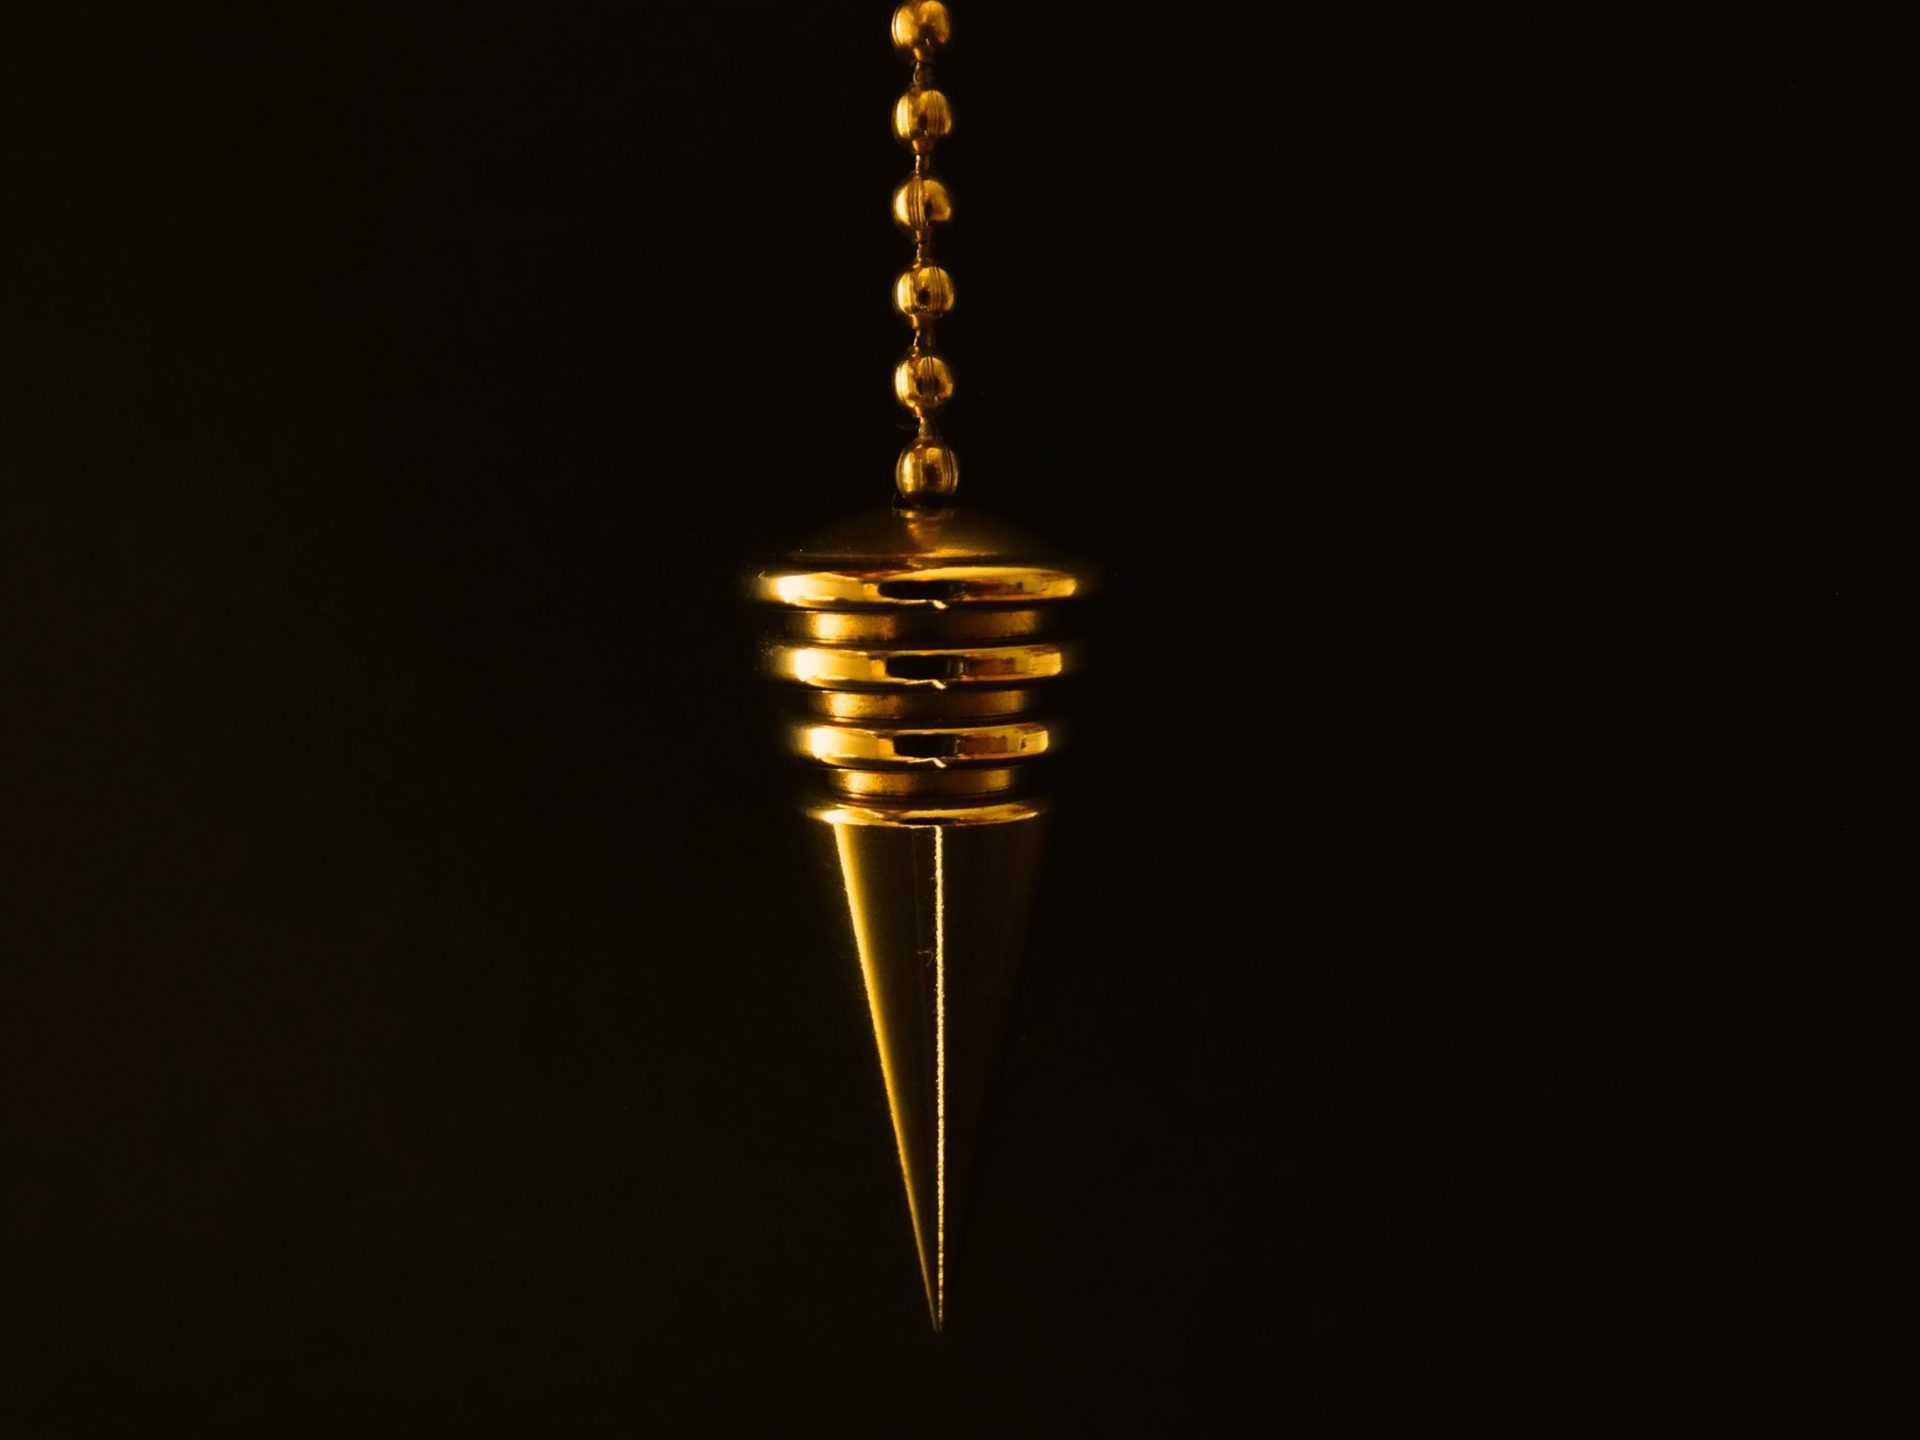 Ist Gold wirklich der grösste Betrug der Geschichte?